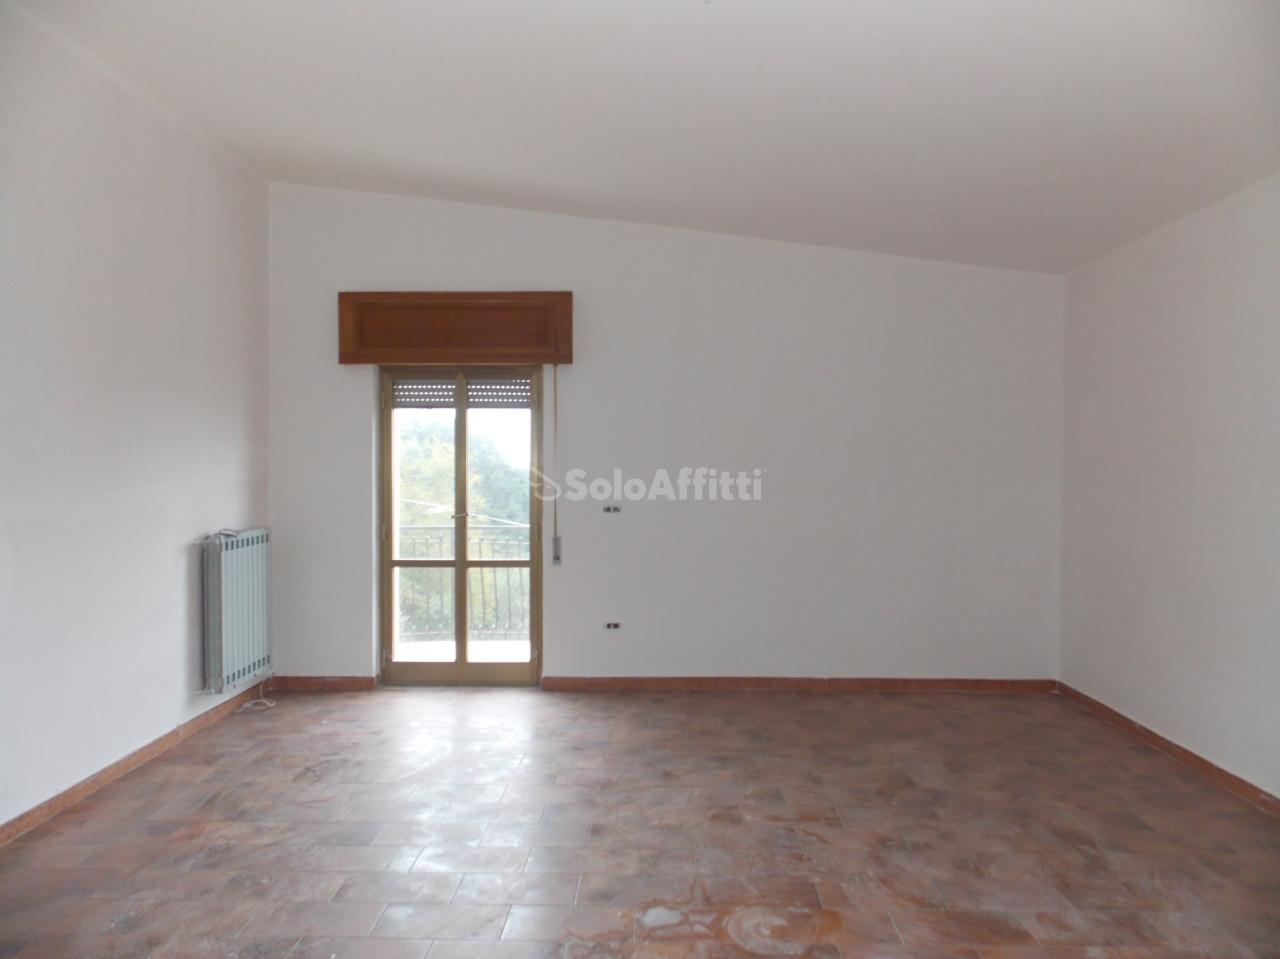 Appartamento - Quadrilocale a Piterà, Catanzaro